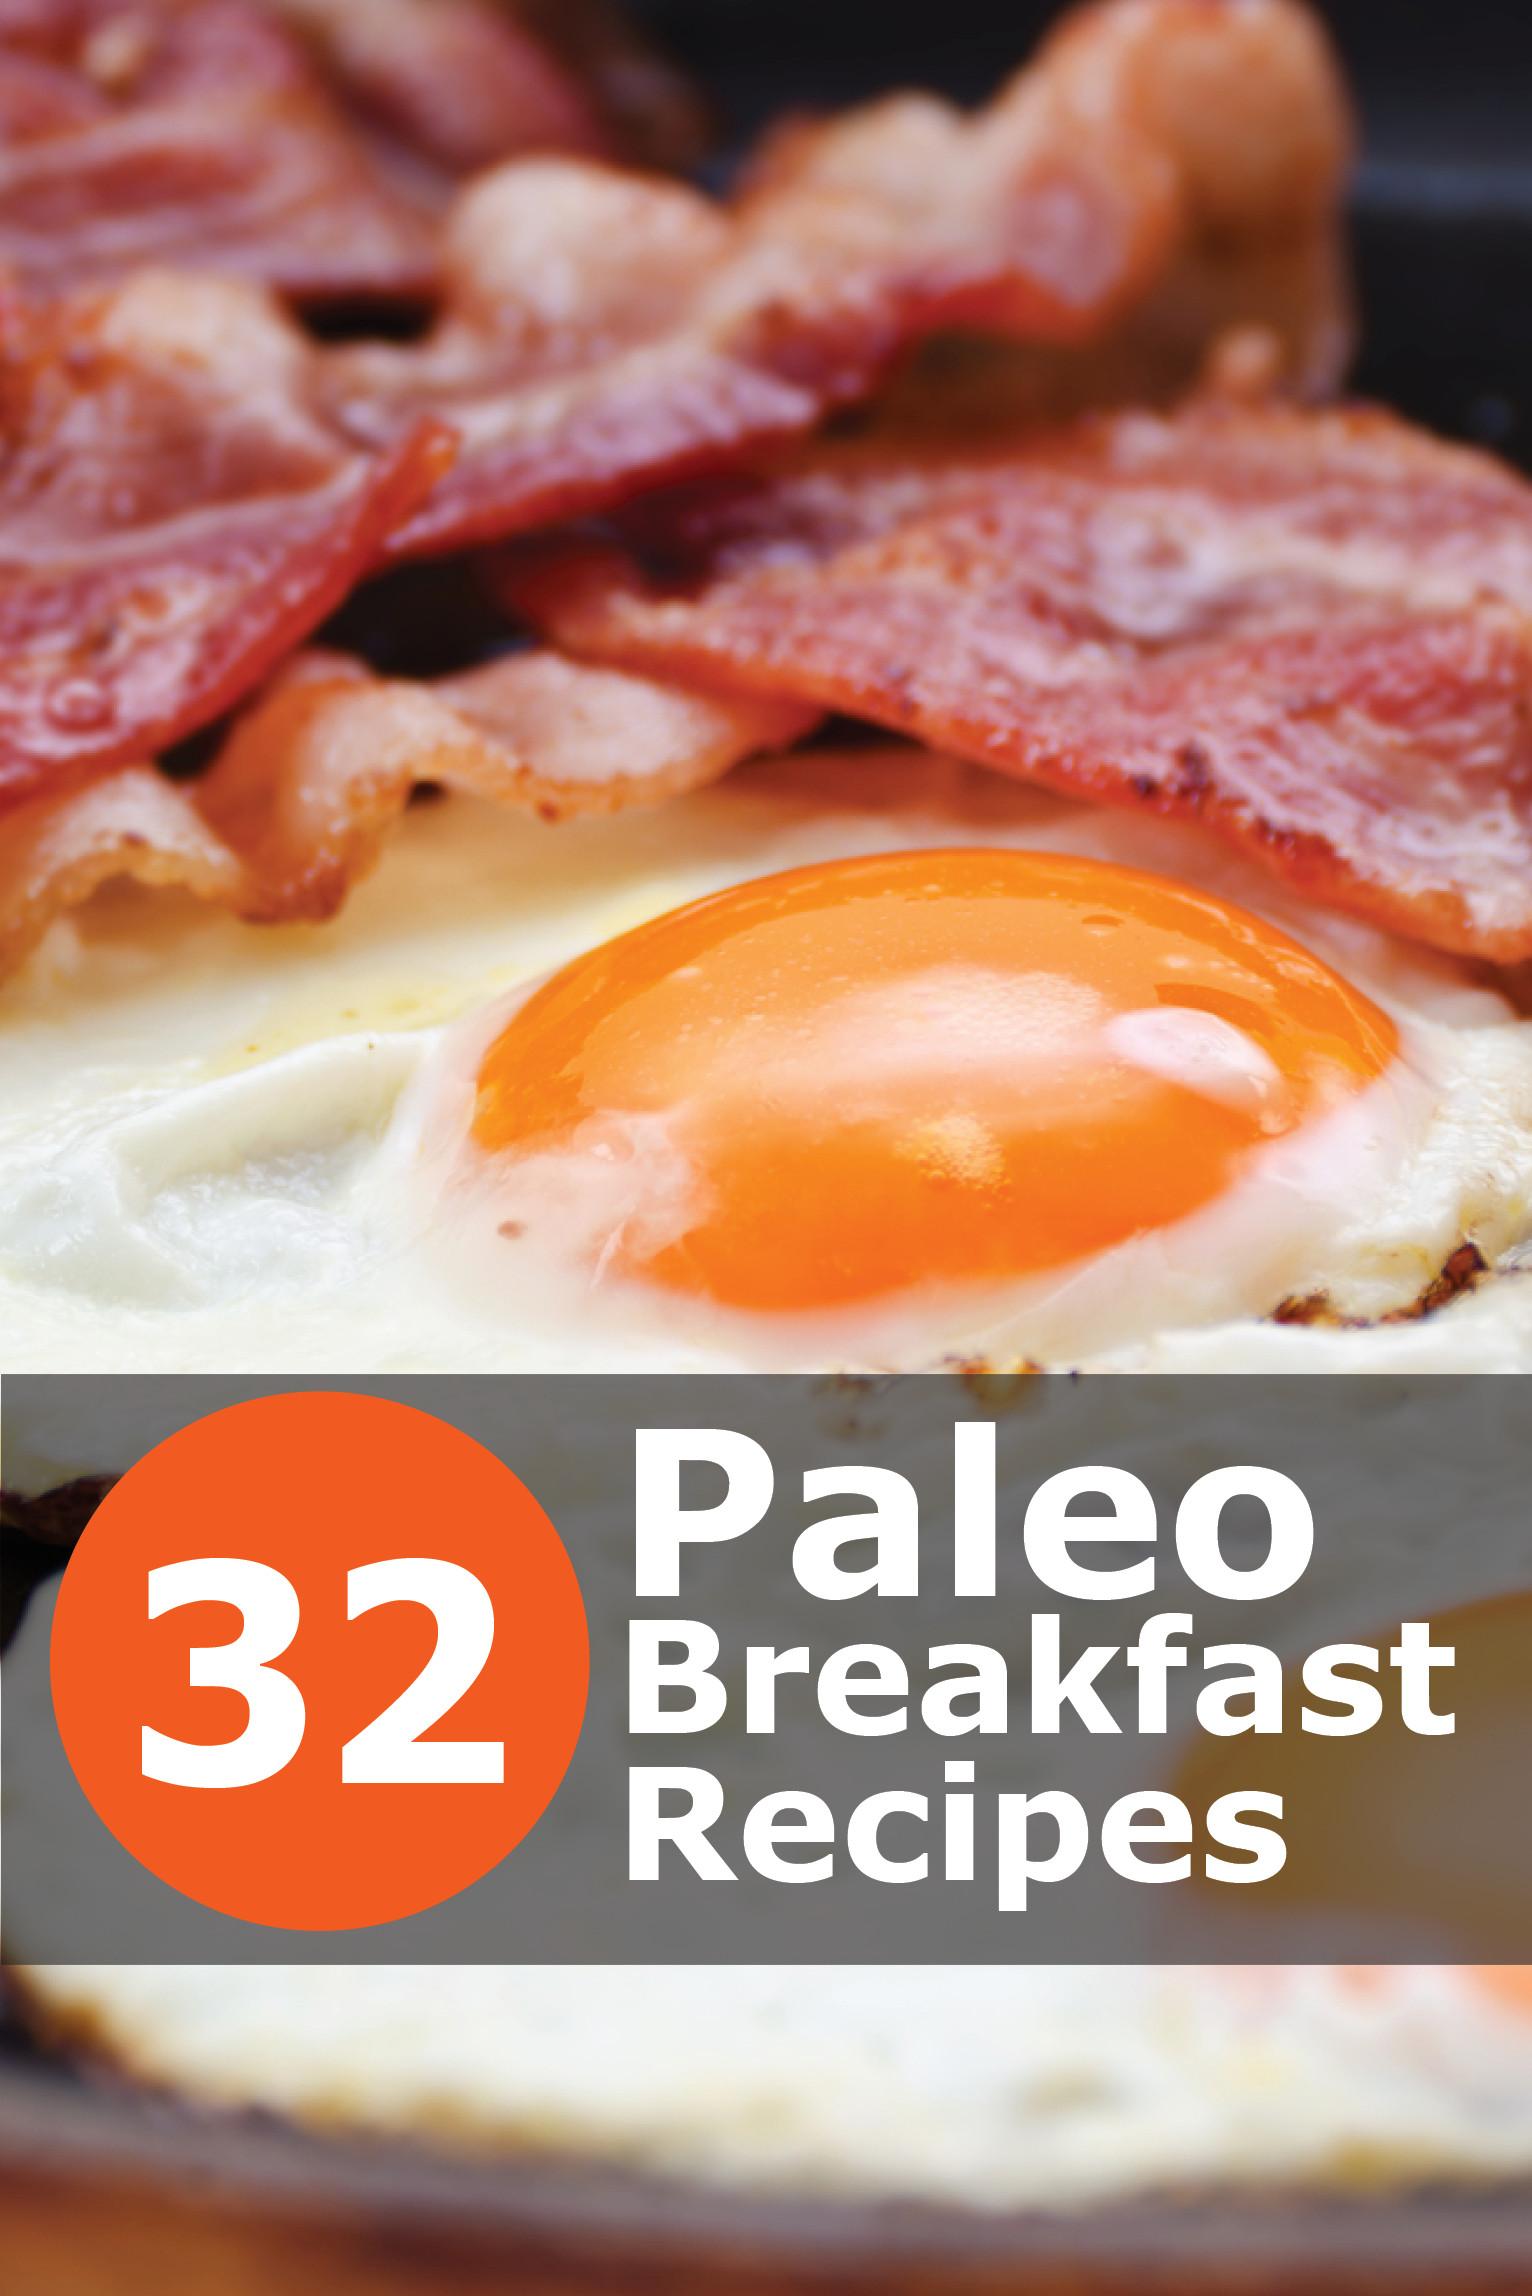 Paleo Diet Breakfast Ideas  32 Mouth Watering Paleo Breakfast Recipes